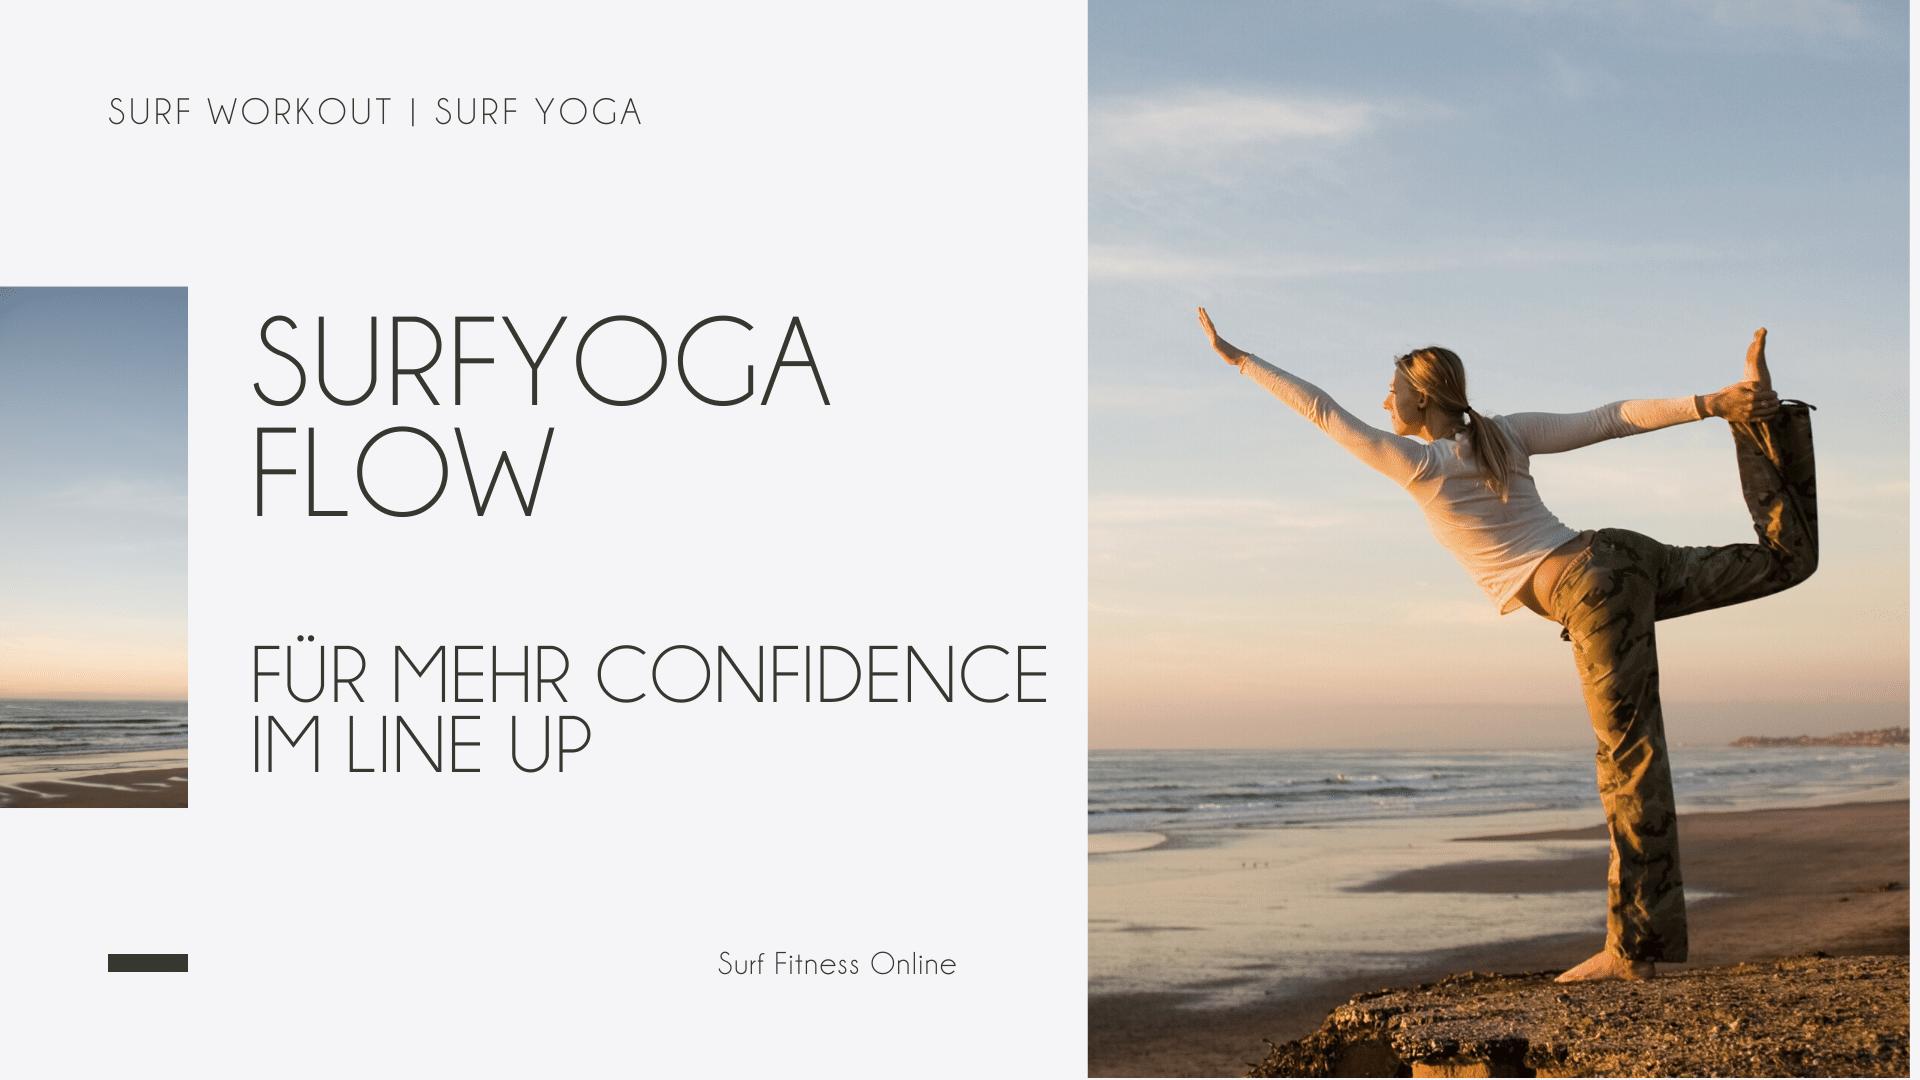 Surfyoga Flow für mehr Confidence im Line Up